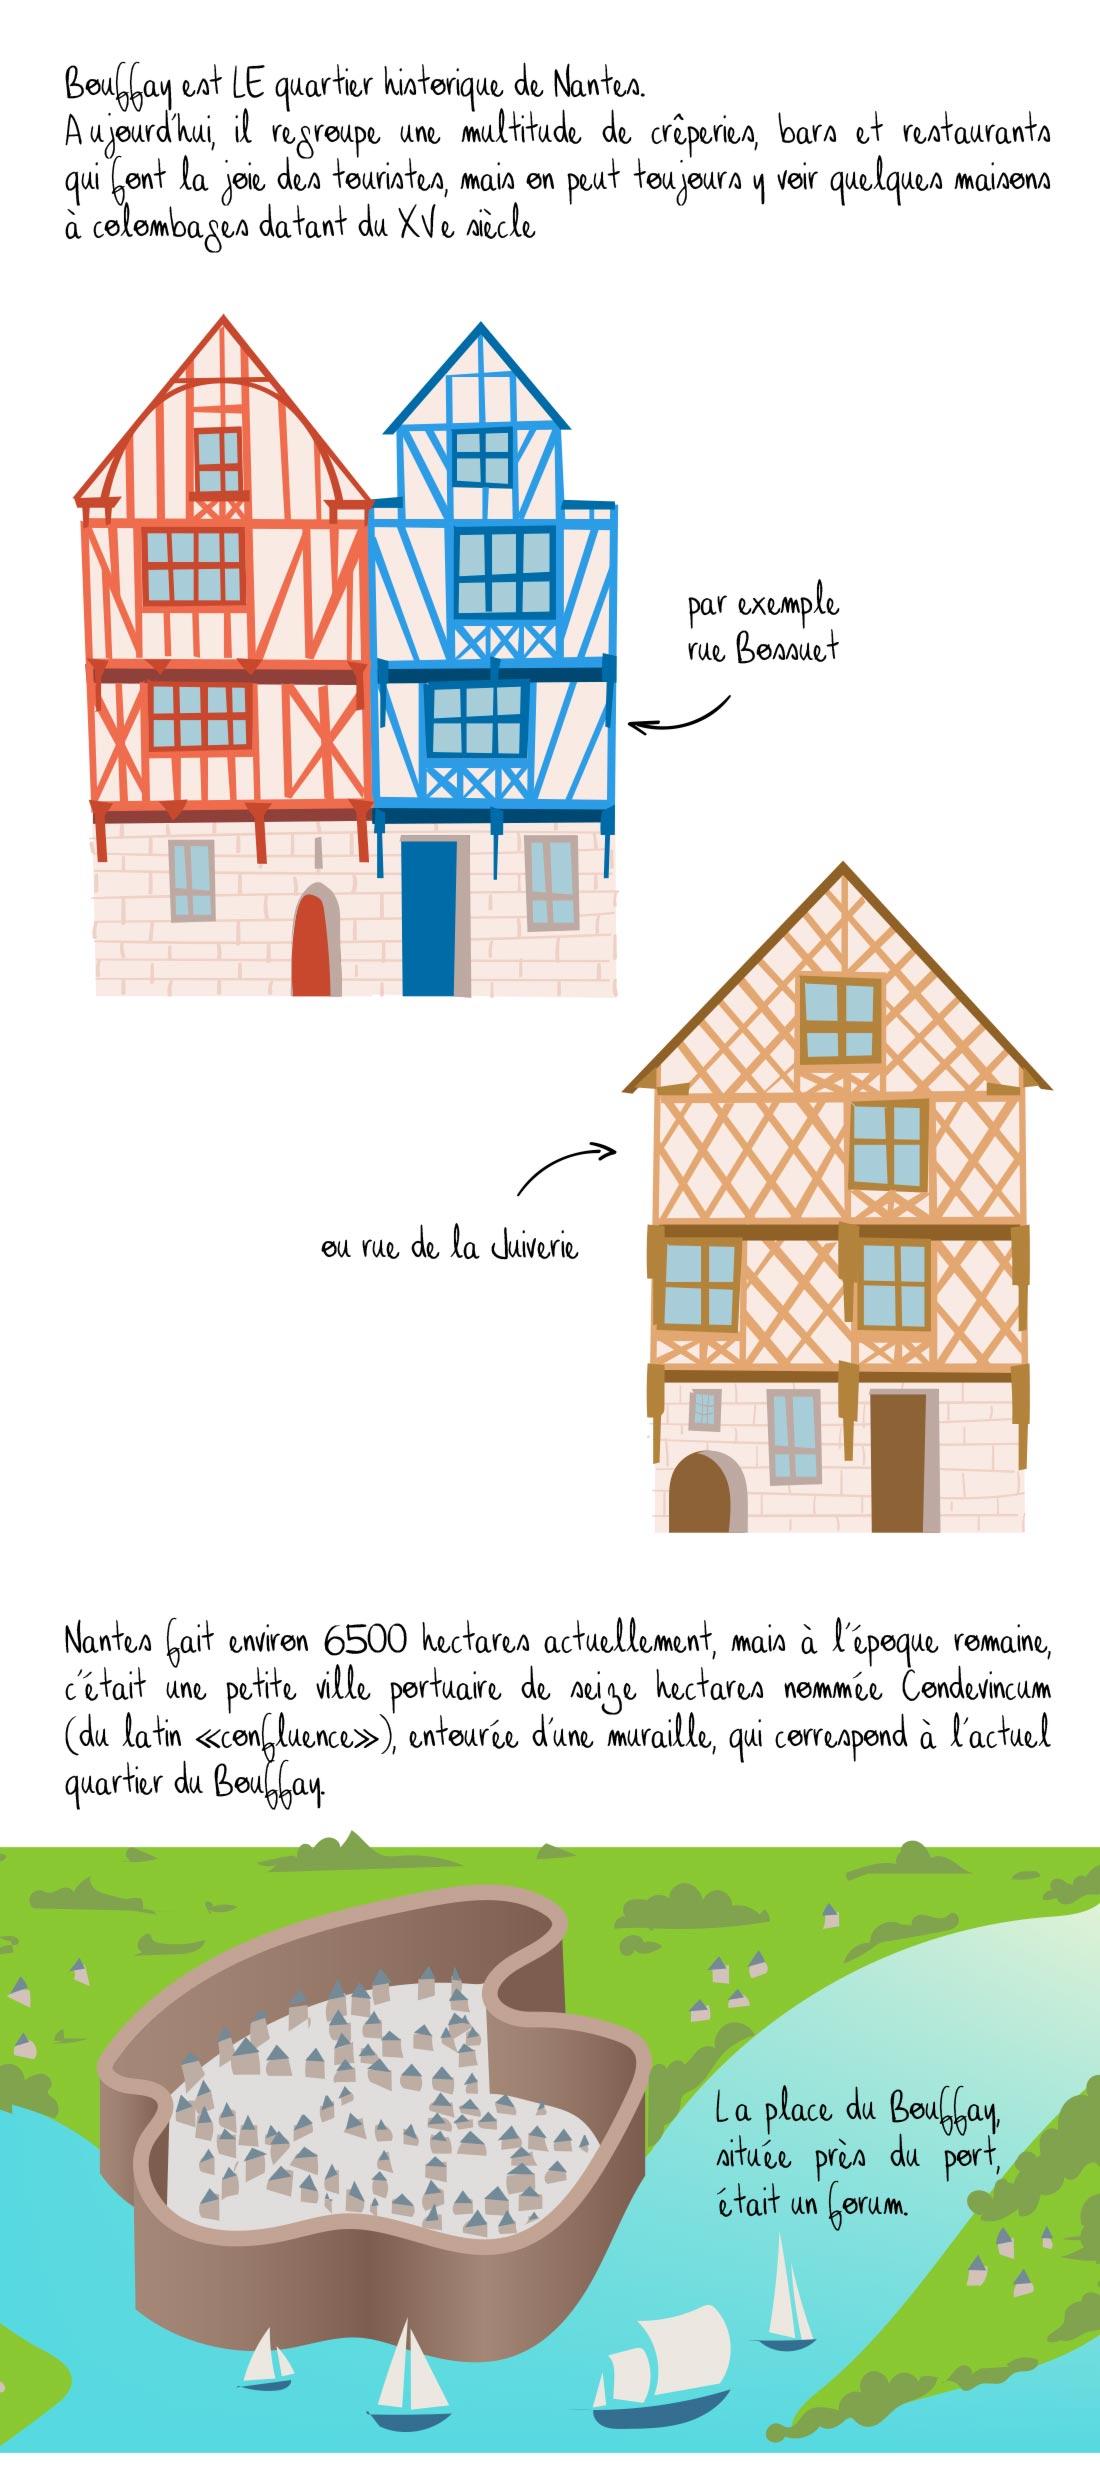 Histoire illustrée du Bouffay, Nantes, partie 1